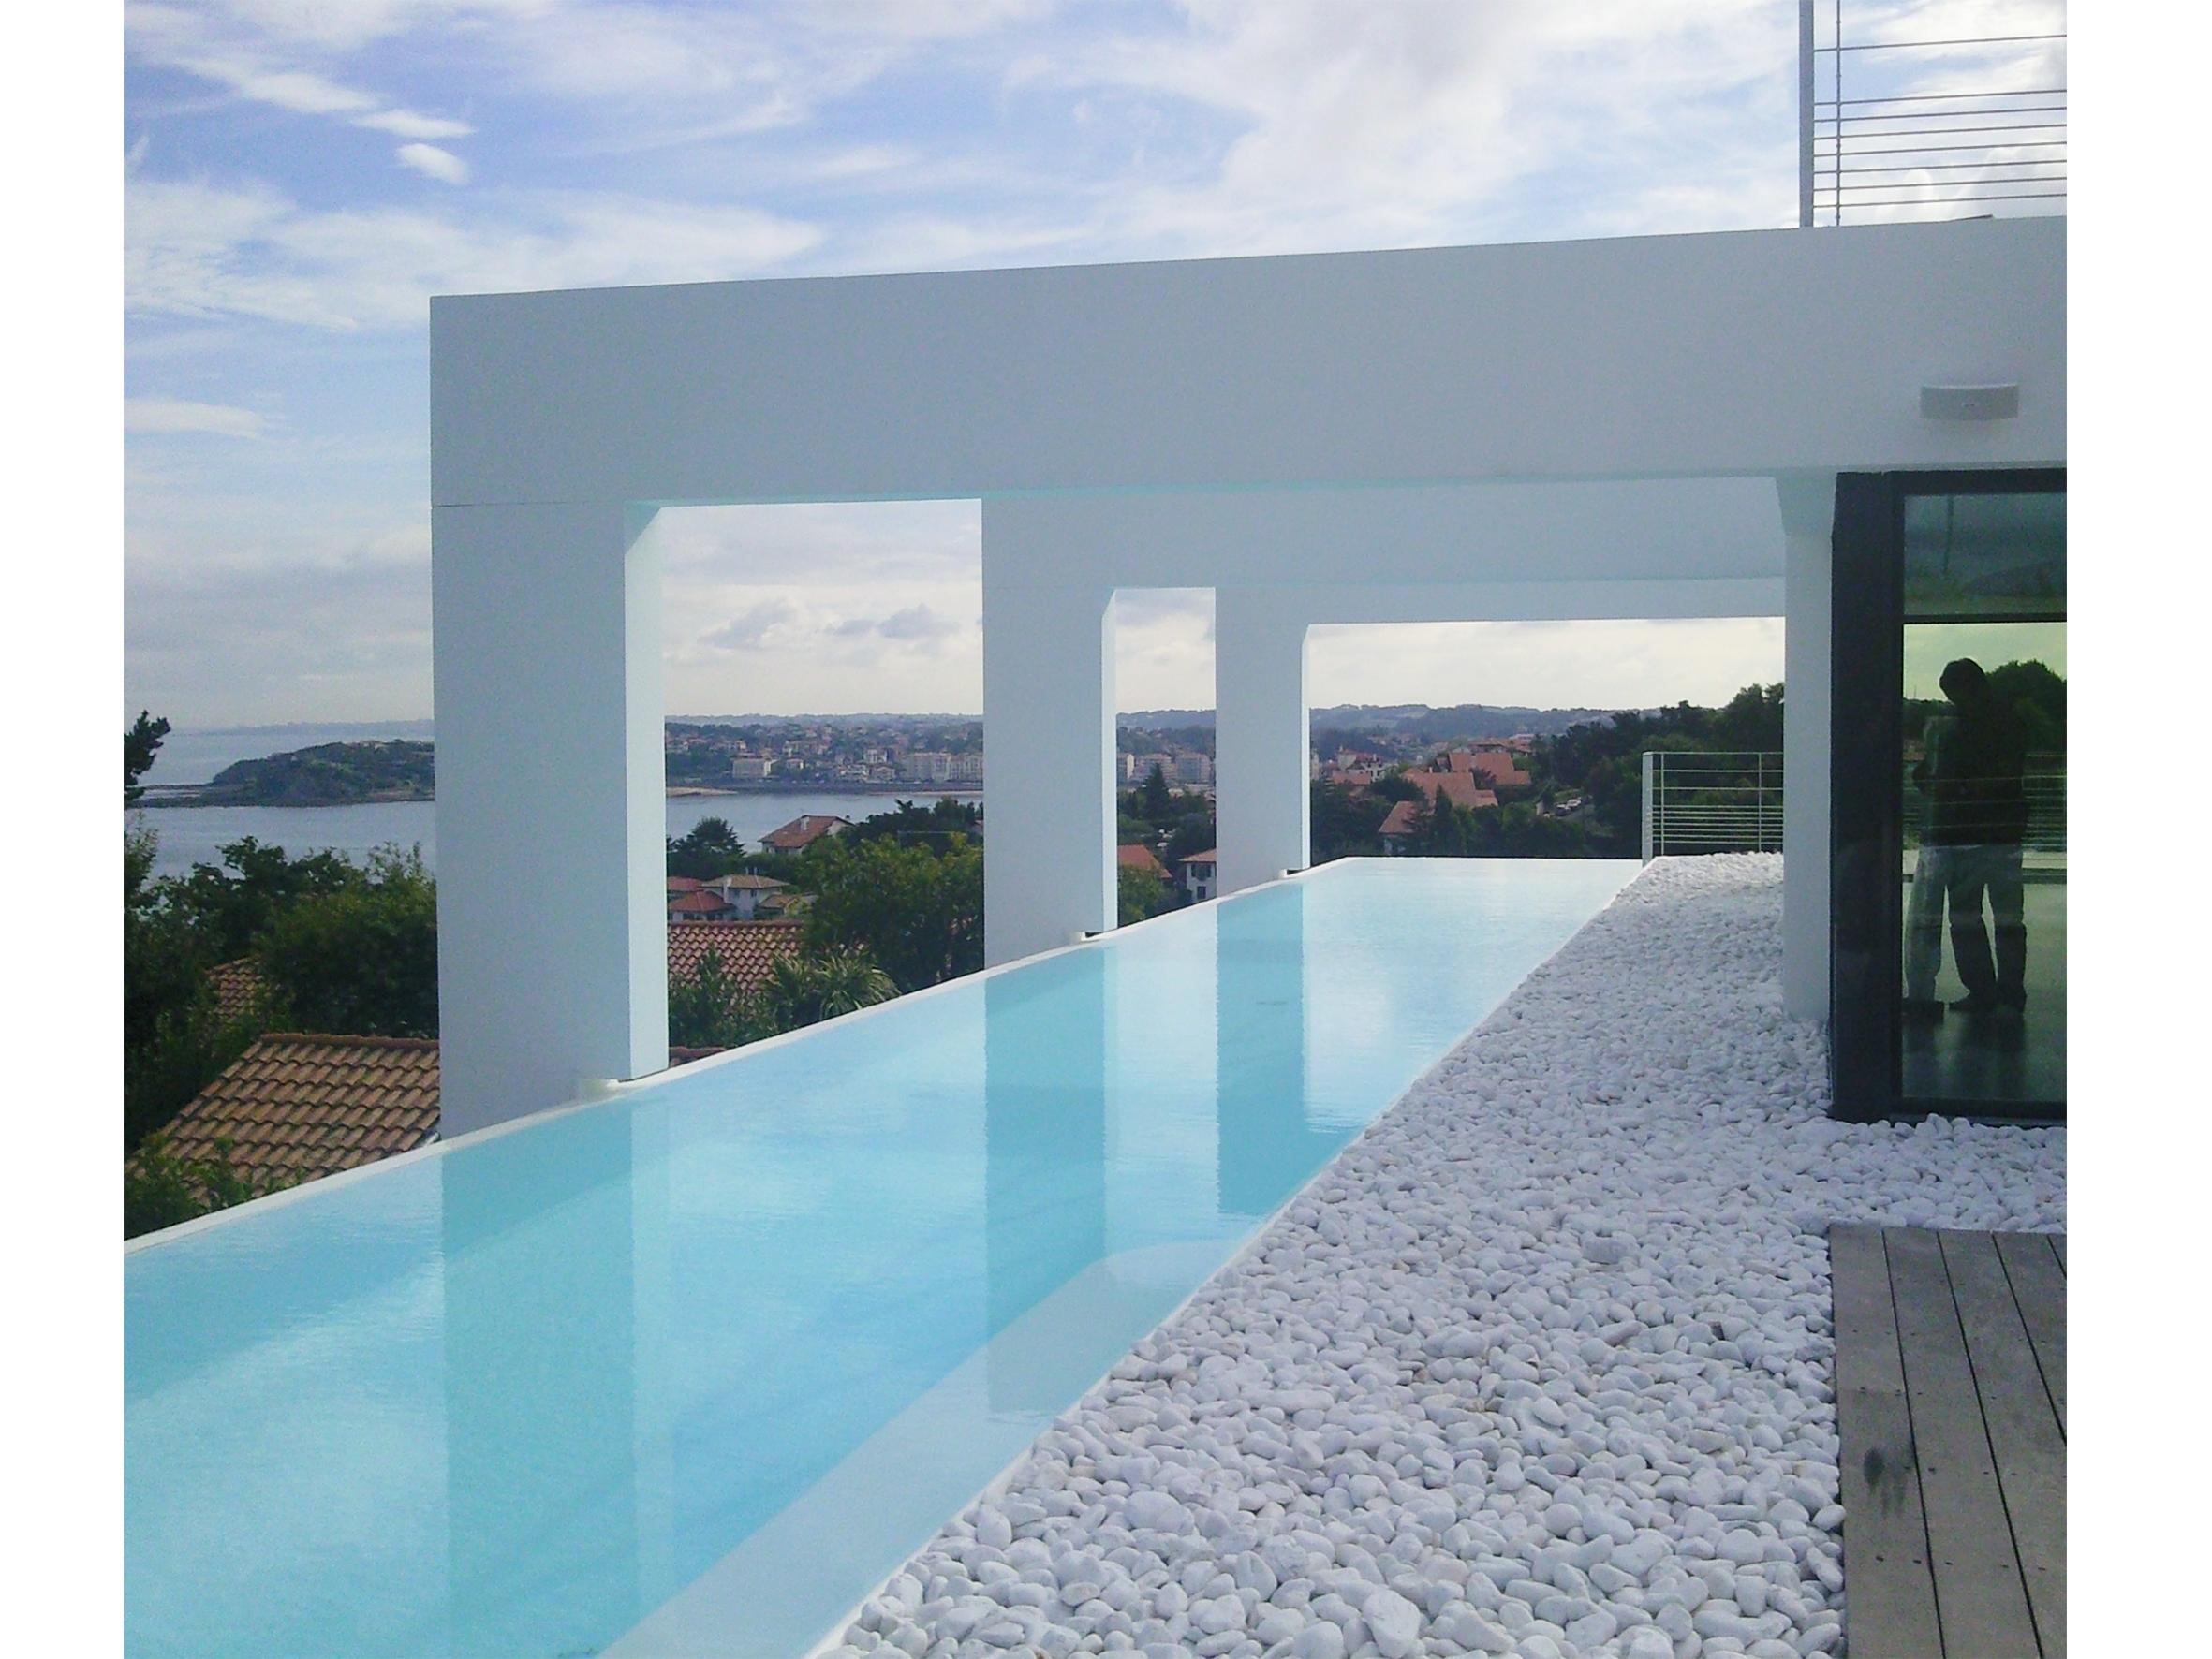 Confiez votre projet à IMAG'IN, une agence d'architectes créatifs et passionnés !